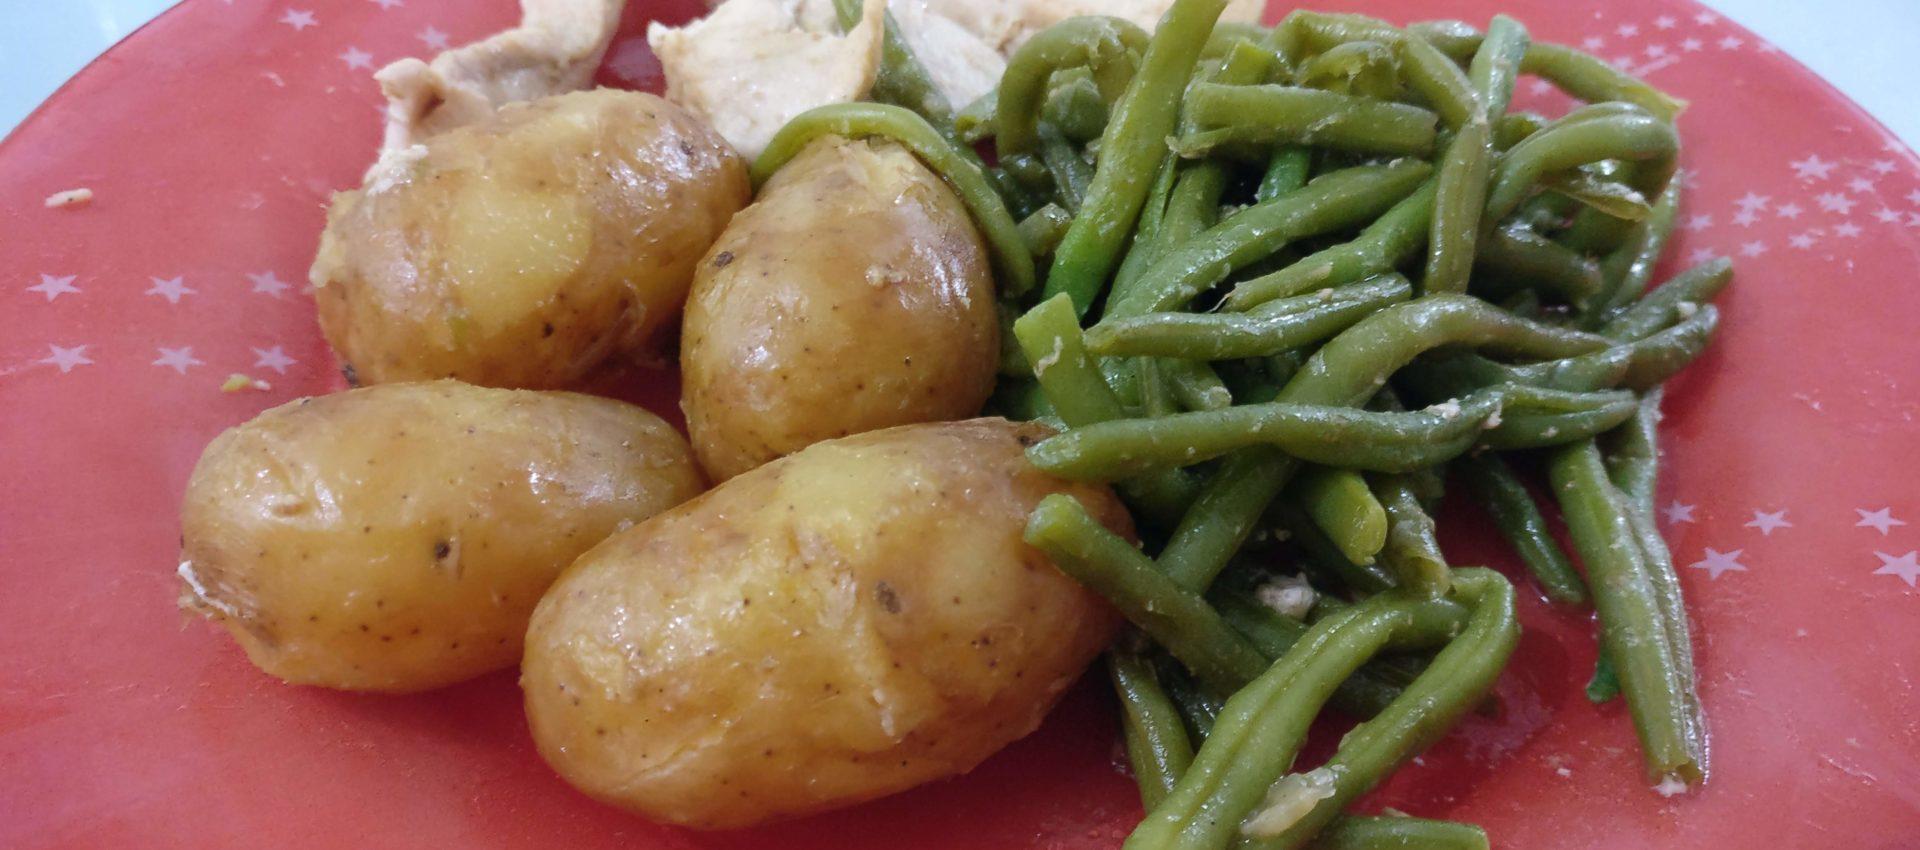 Poulet pommes de terre grenaille haricots verts au cookeo